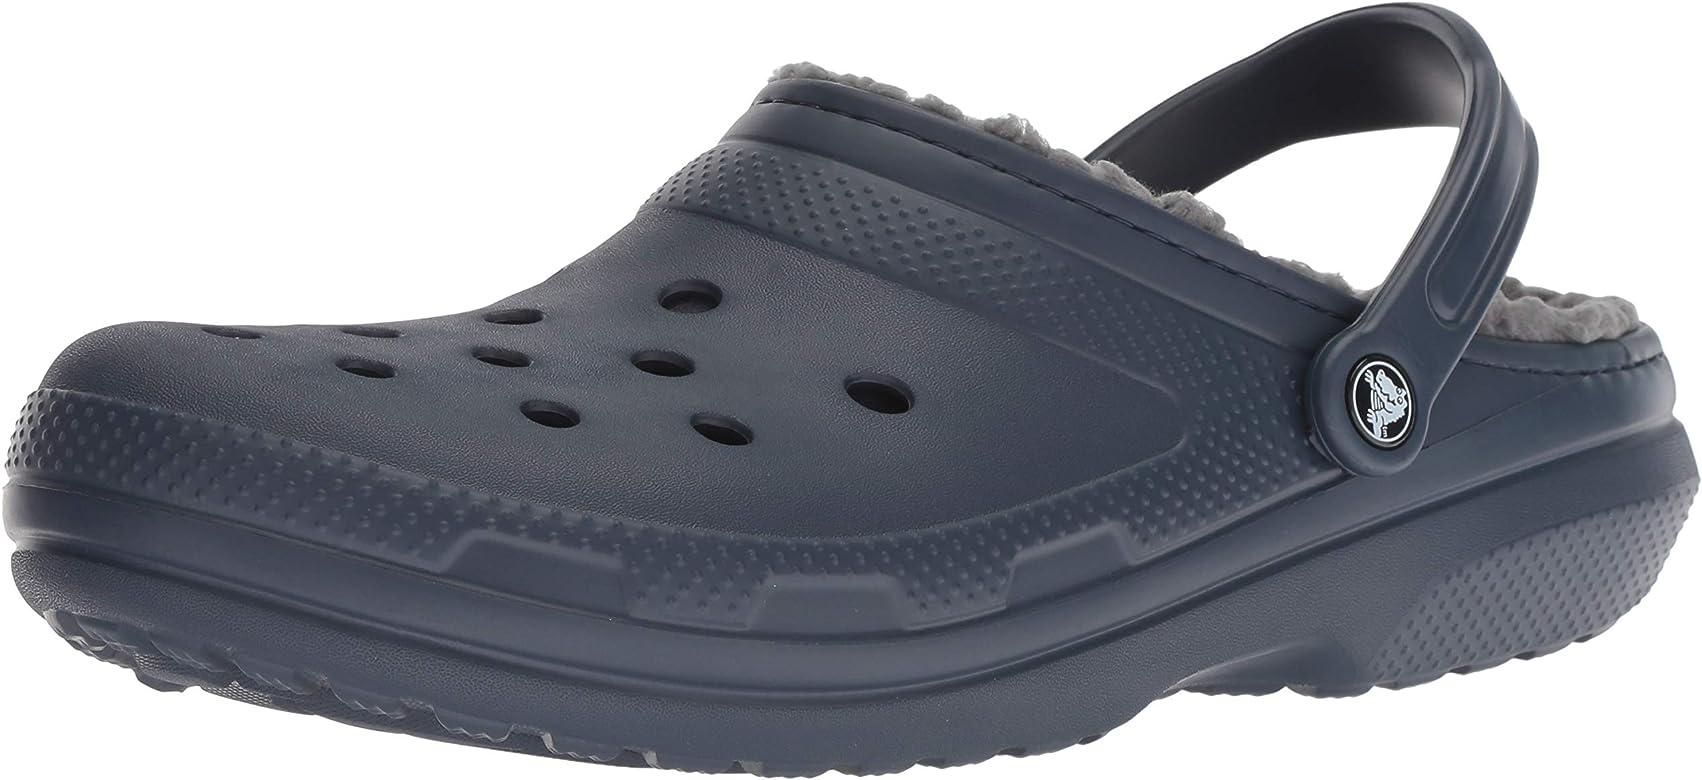 Charcoal//Light Grey 10 US Men M US 0 Crocs Classic Blitzen III Clog Shoe 12 US Women